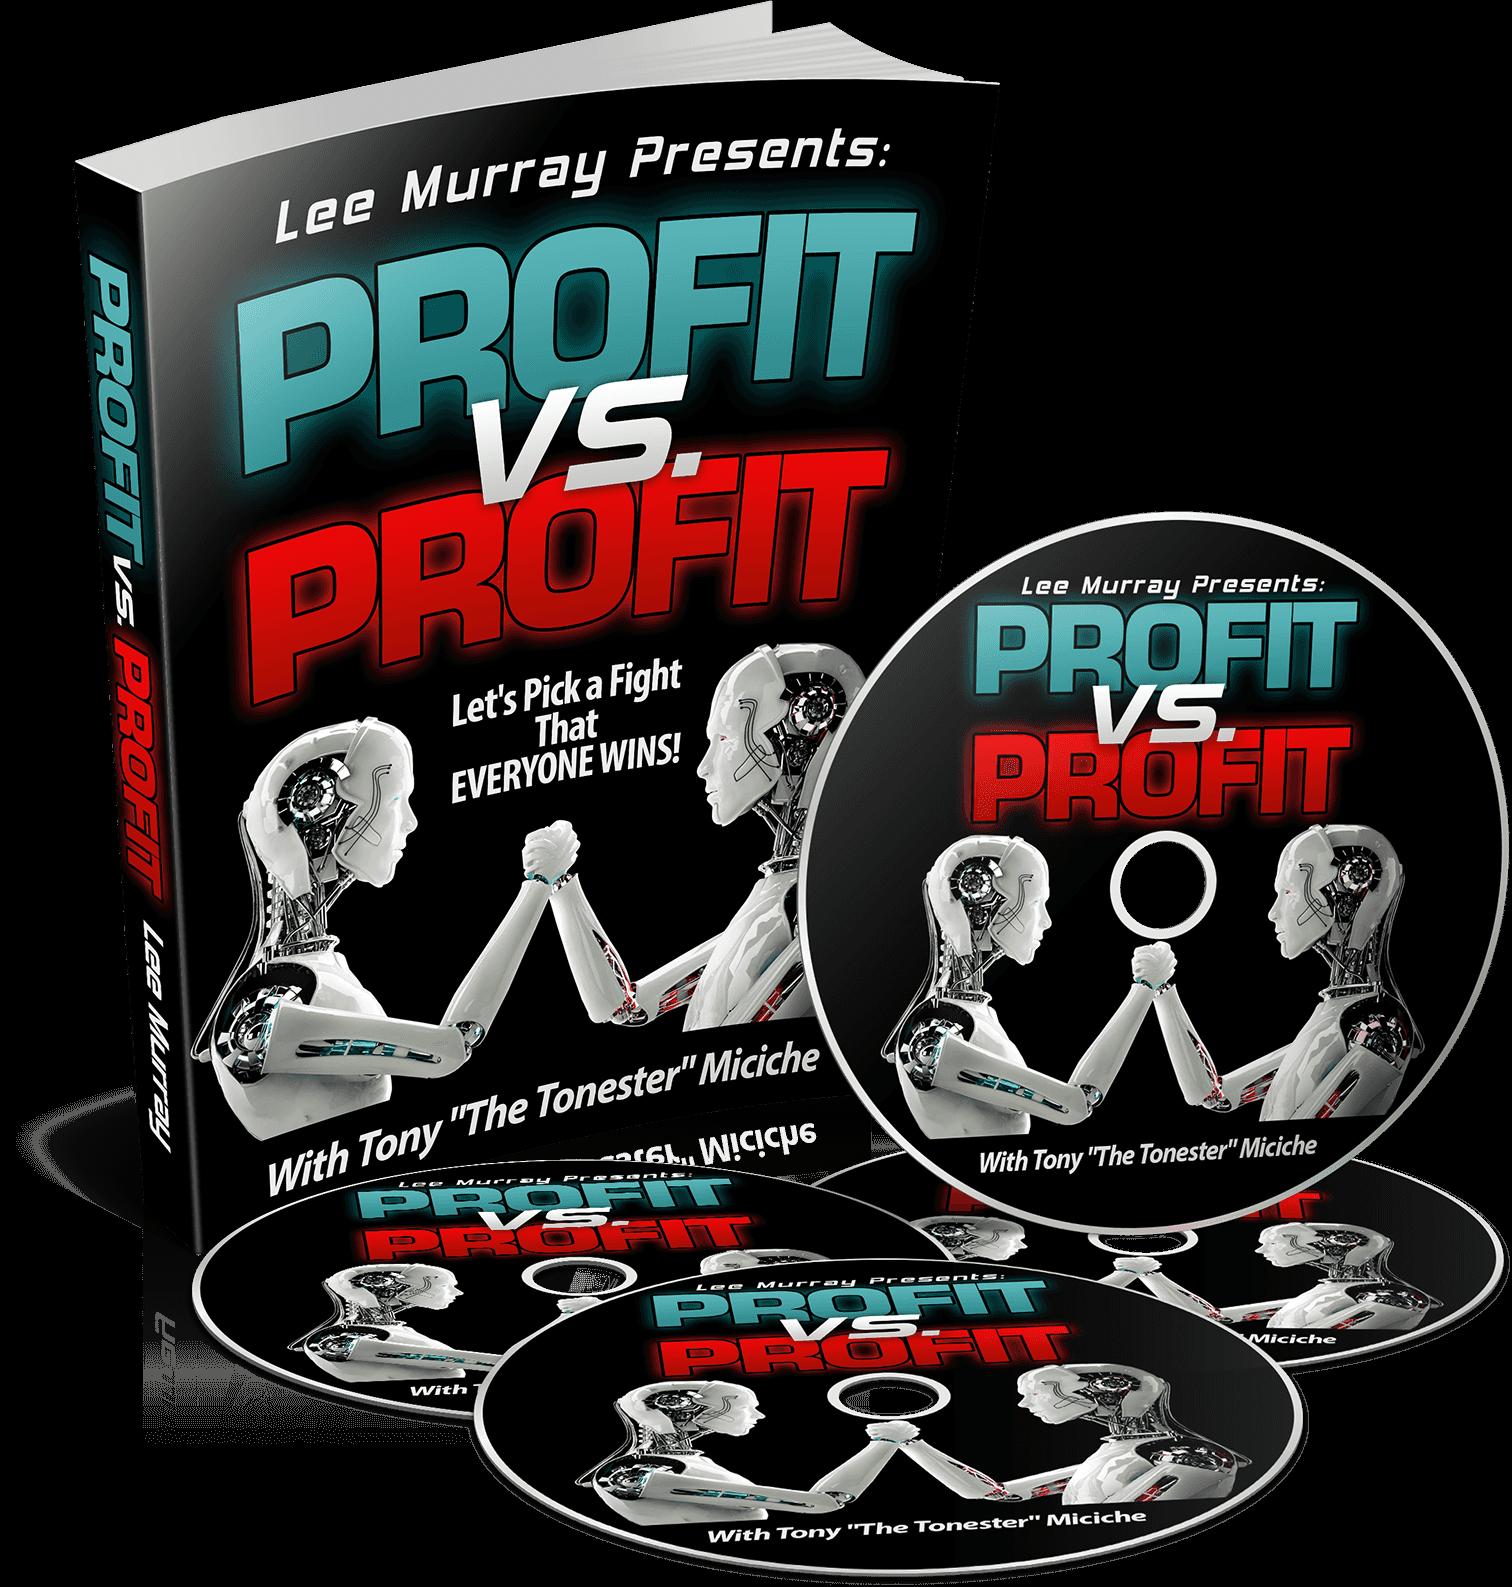 怎样仅仅利用一个小小的报告以及一些廉价的和容易外包的服务就能被动的赚取每天数百美元的!(Profit vs. Profit )